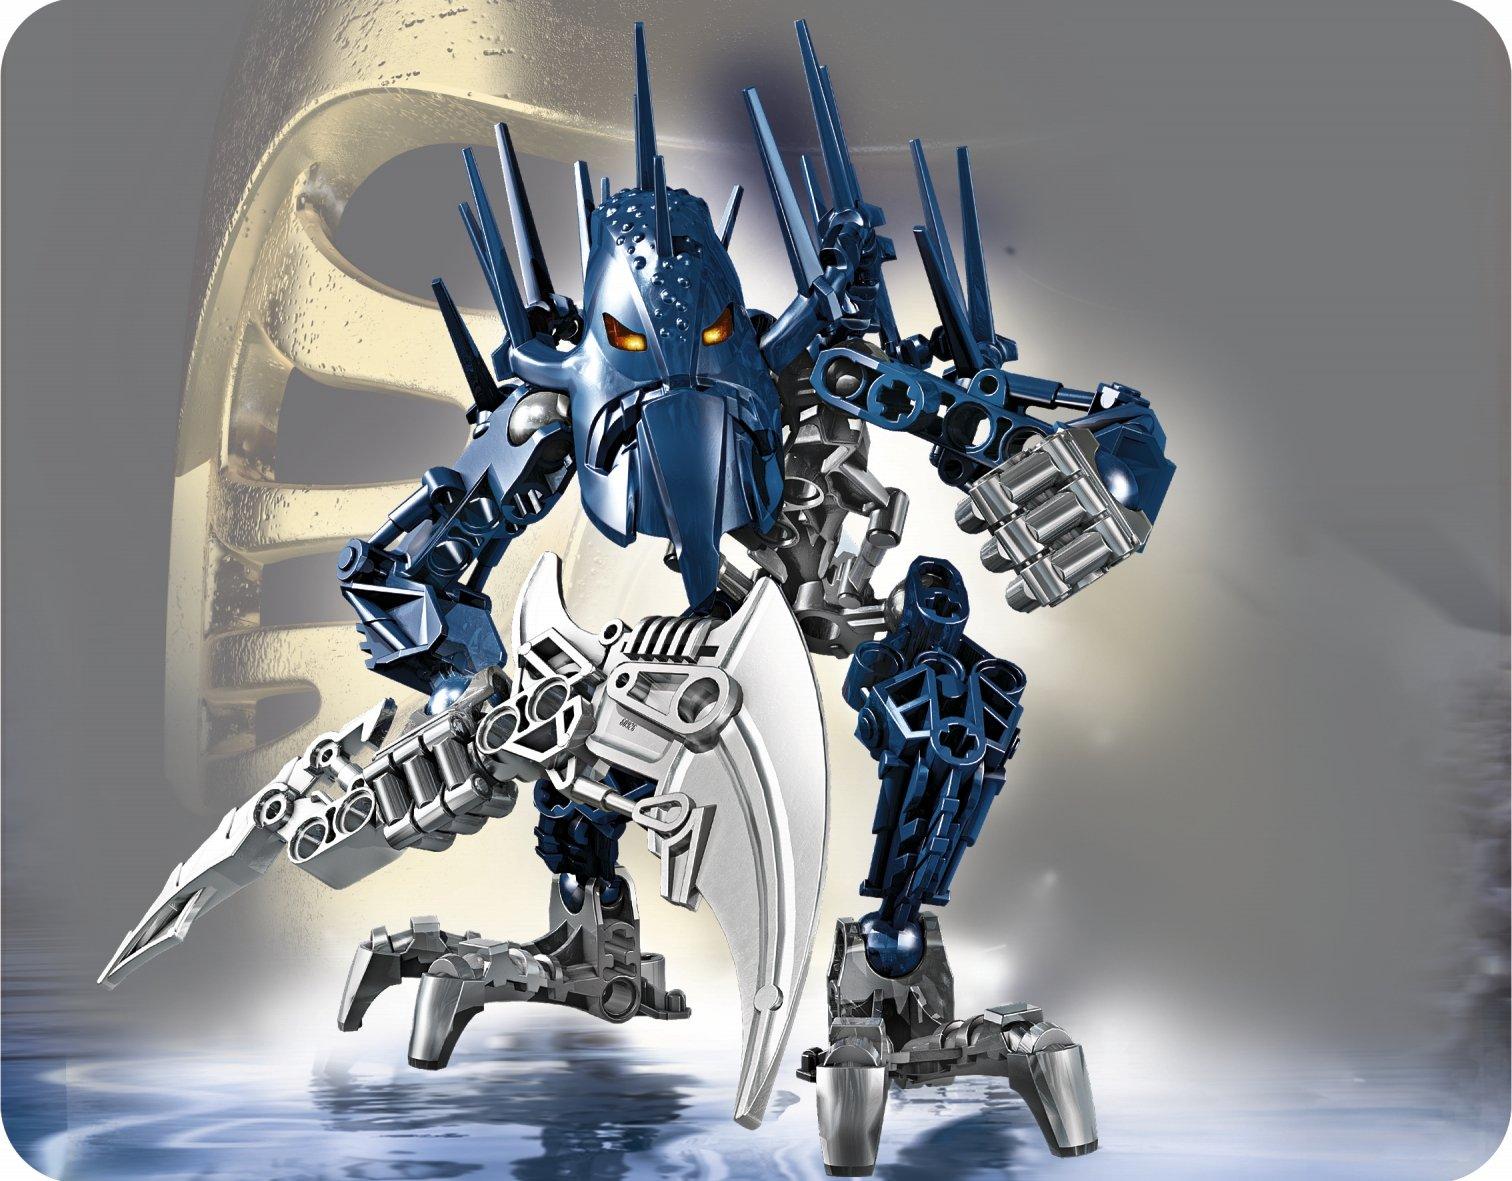 Zabawki konstrukcyjne LEGO Lego 7137 Bionicle Bara Magna Piraka complet à 100 % de 2010 C39 Zabawki konstrukcyjne